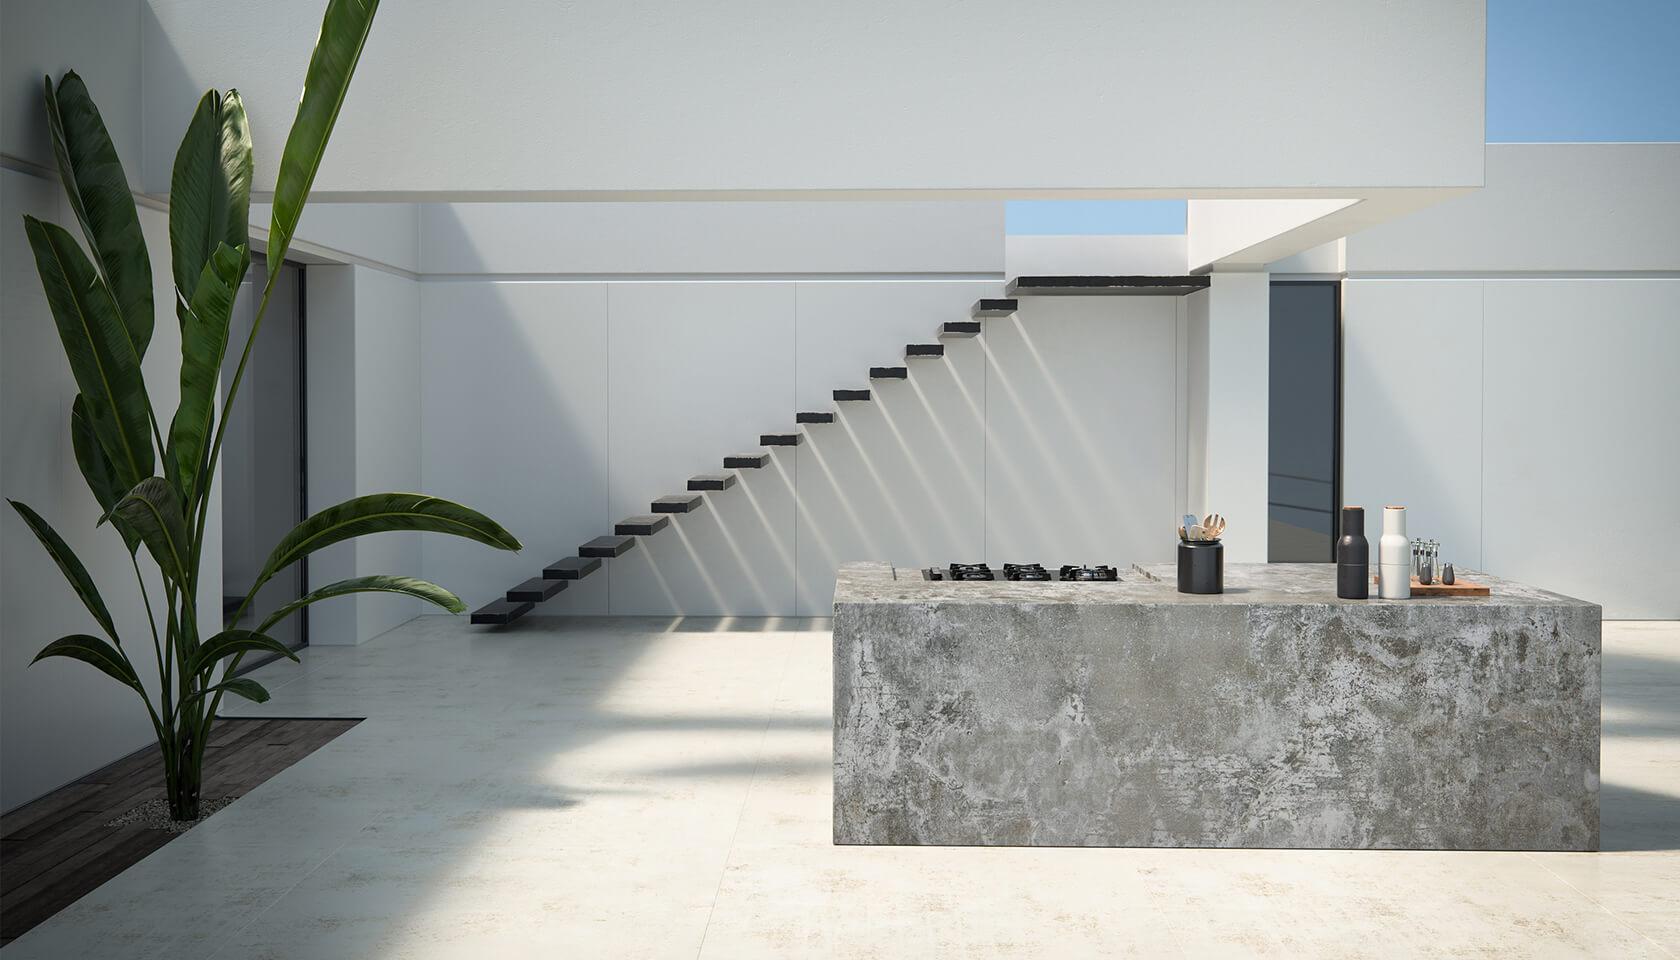 schody na zewnątrz